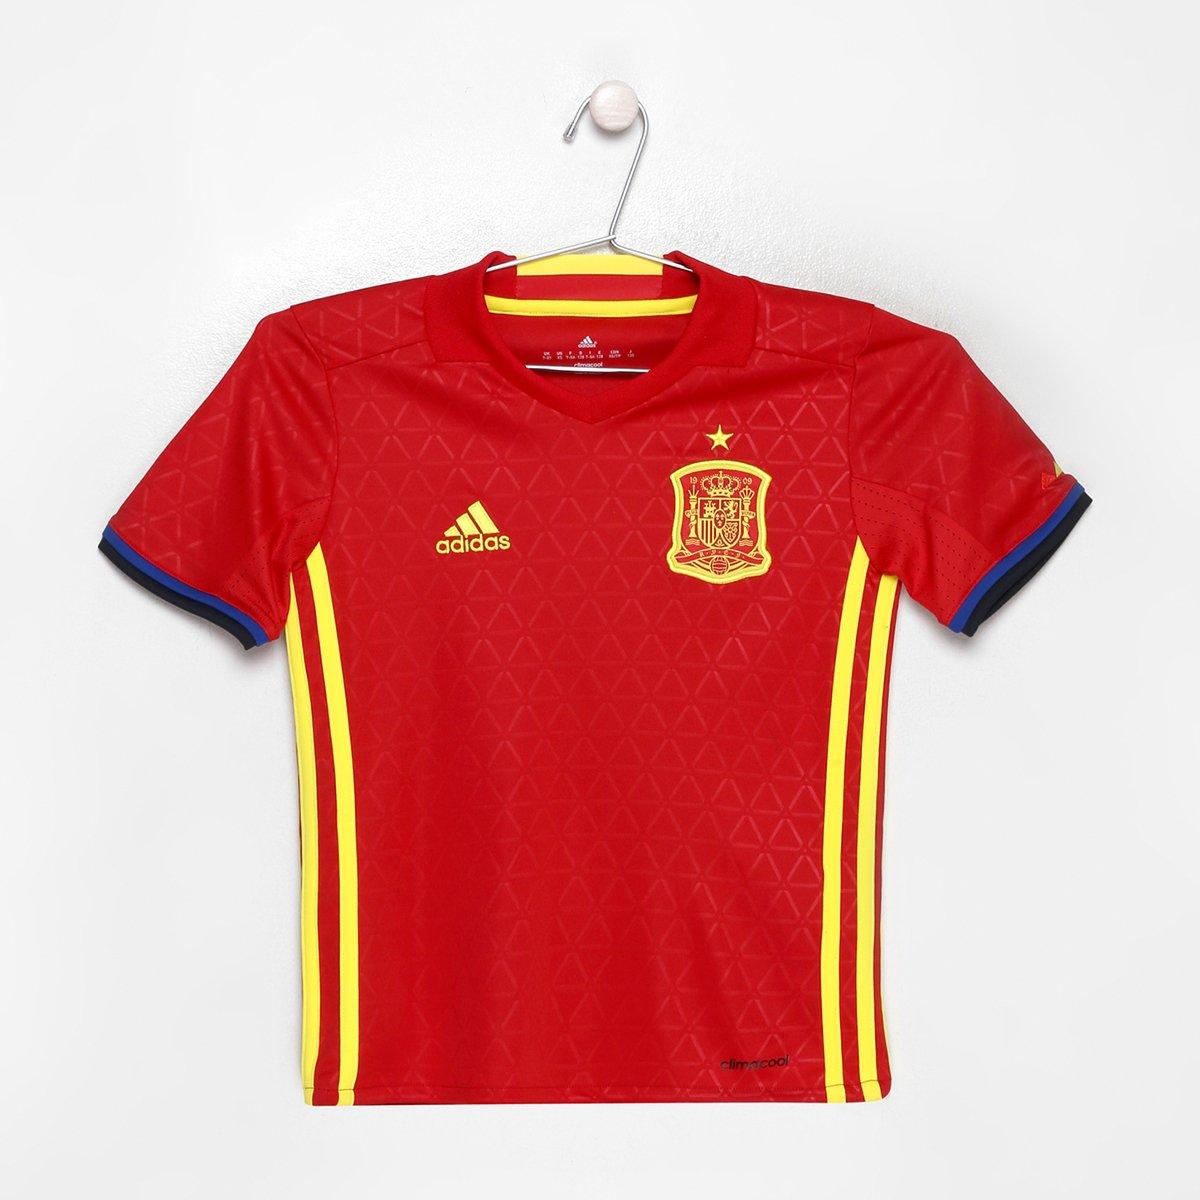 8795fb189e Camisa Seleção Espanha Infantil Home 2016 s nº Adidas - Compre Agora ...